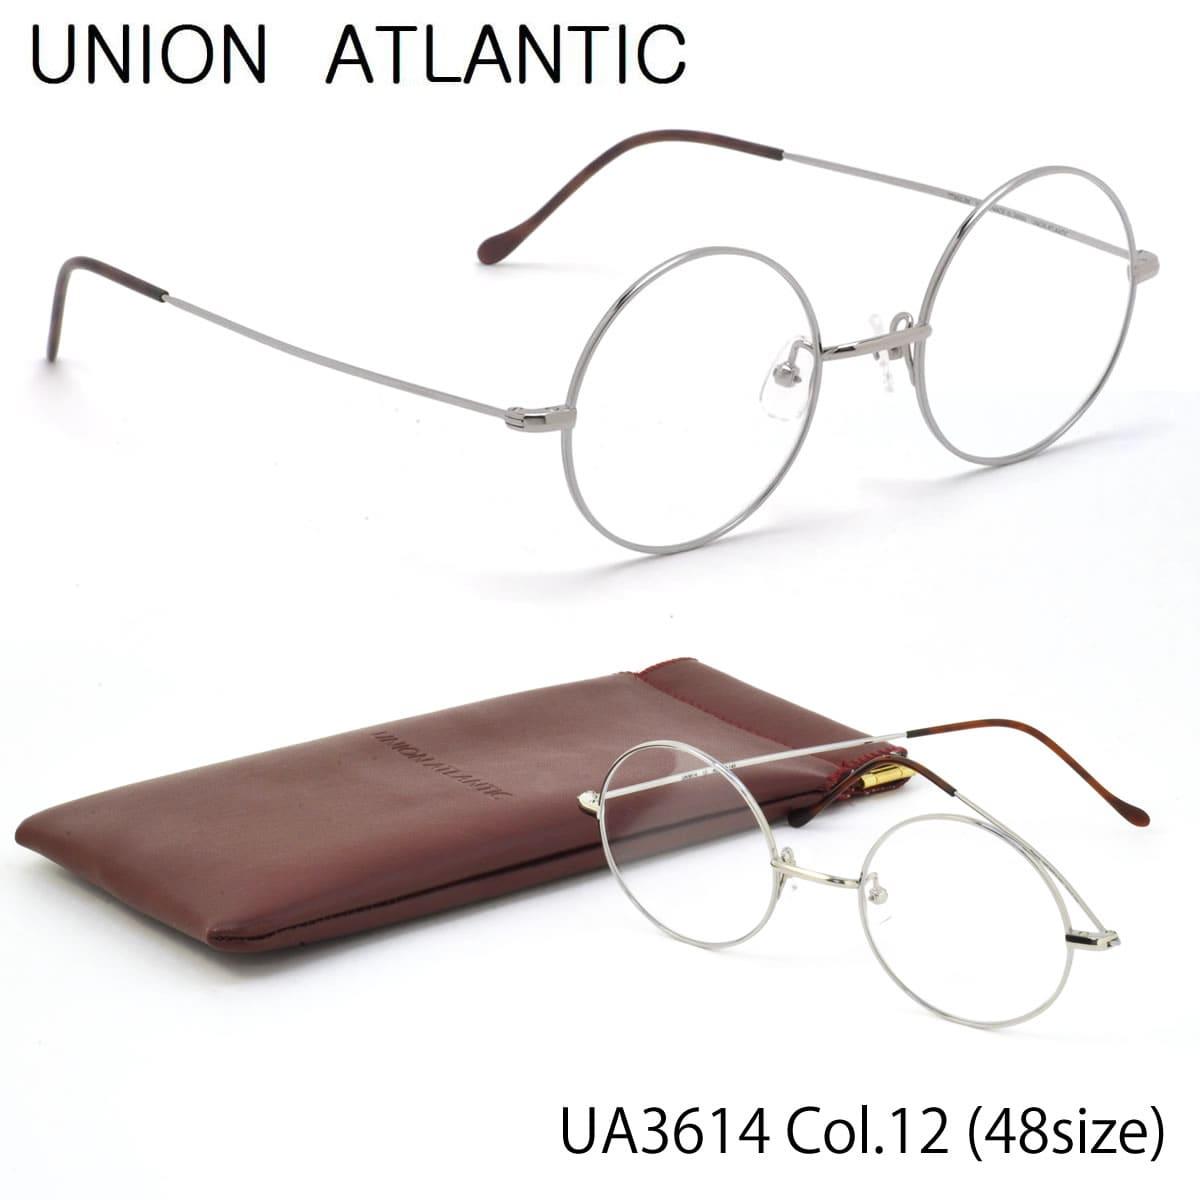 【10月30日からエントリーで全品ポイント20倍】【ユニオンアトランティック】 (UNION ATLANTIC) メガネUA3614 12 48サイズ日本製 丸メガネ AMIPARISUNIONATLANTIC 伊達メガネレンズ無料 メンズ レディース